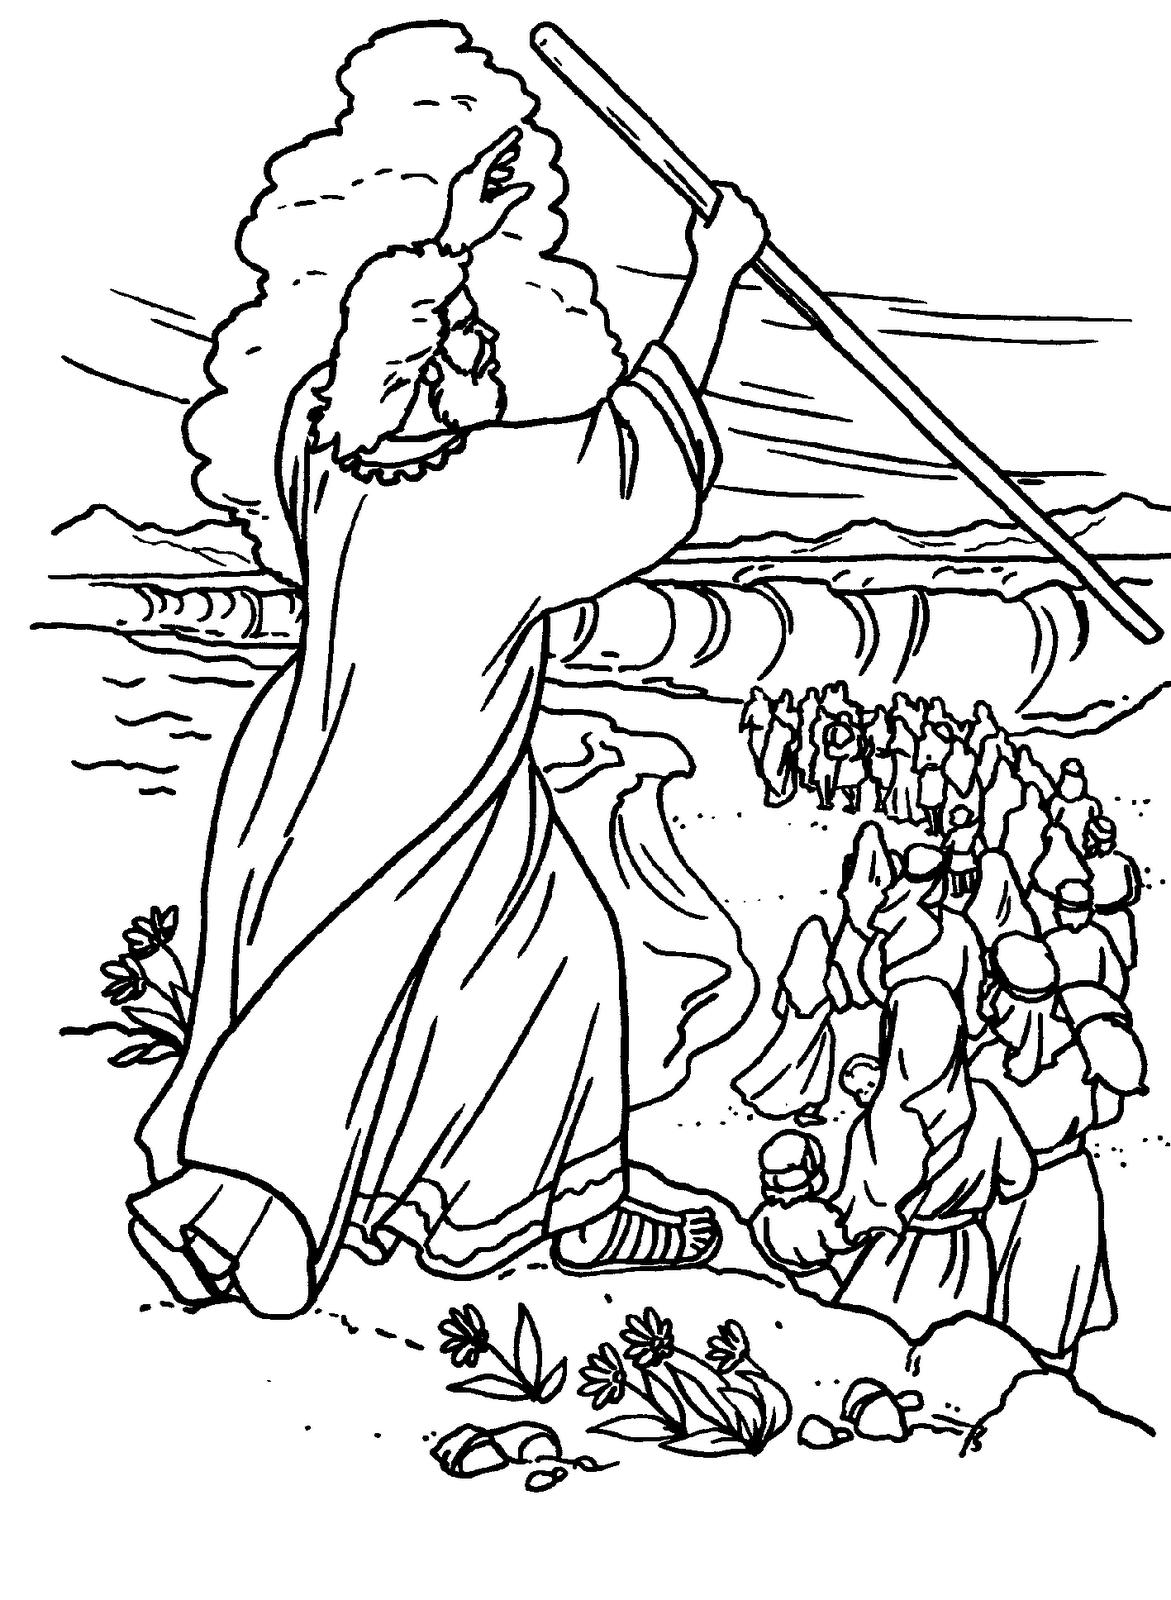 Dibujos Cristianos Para Colorear Dibujos Para Ninos